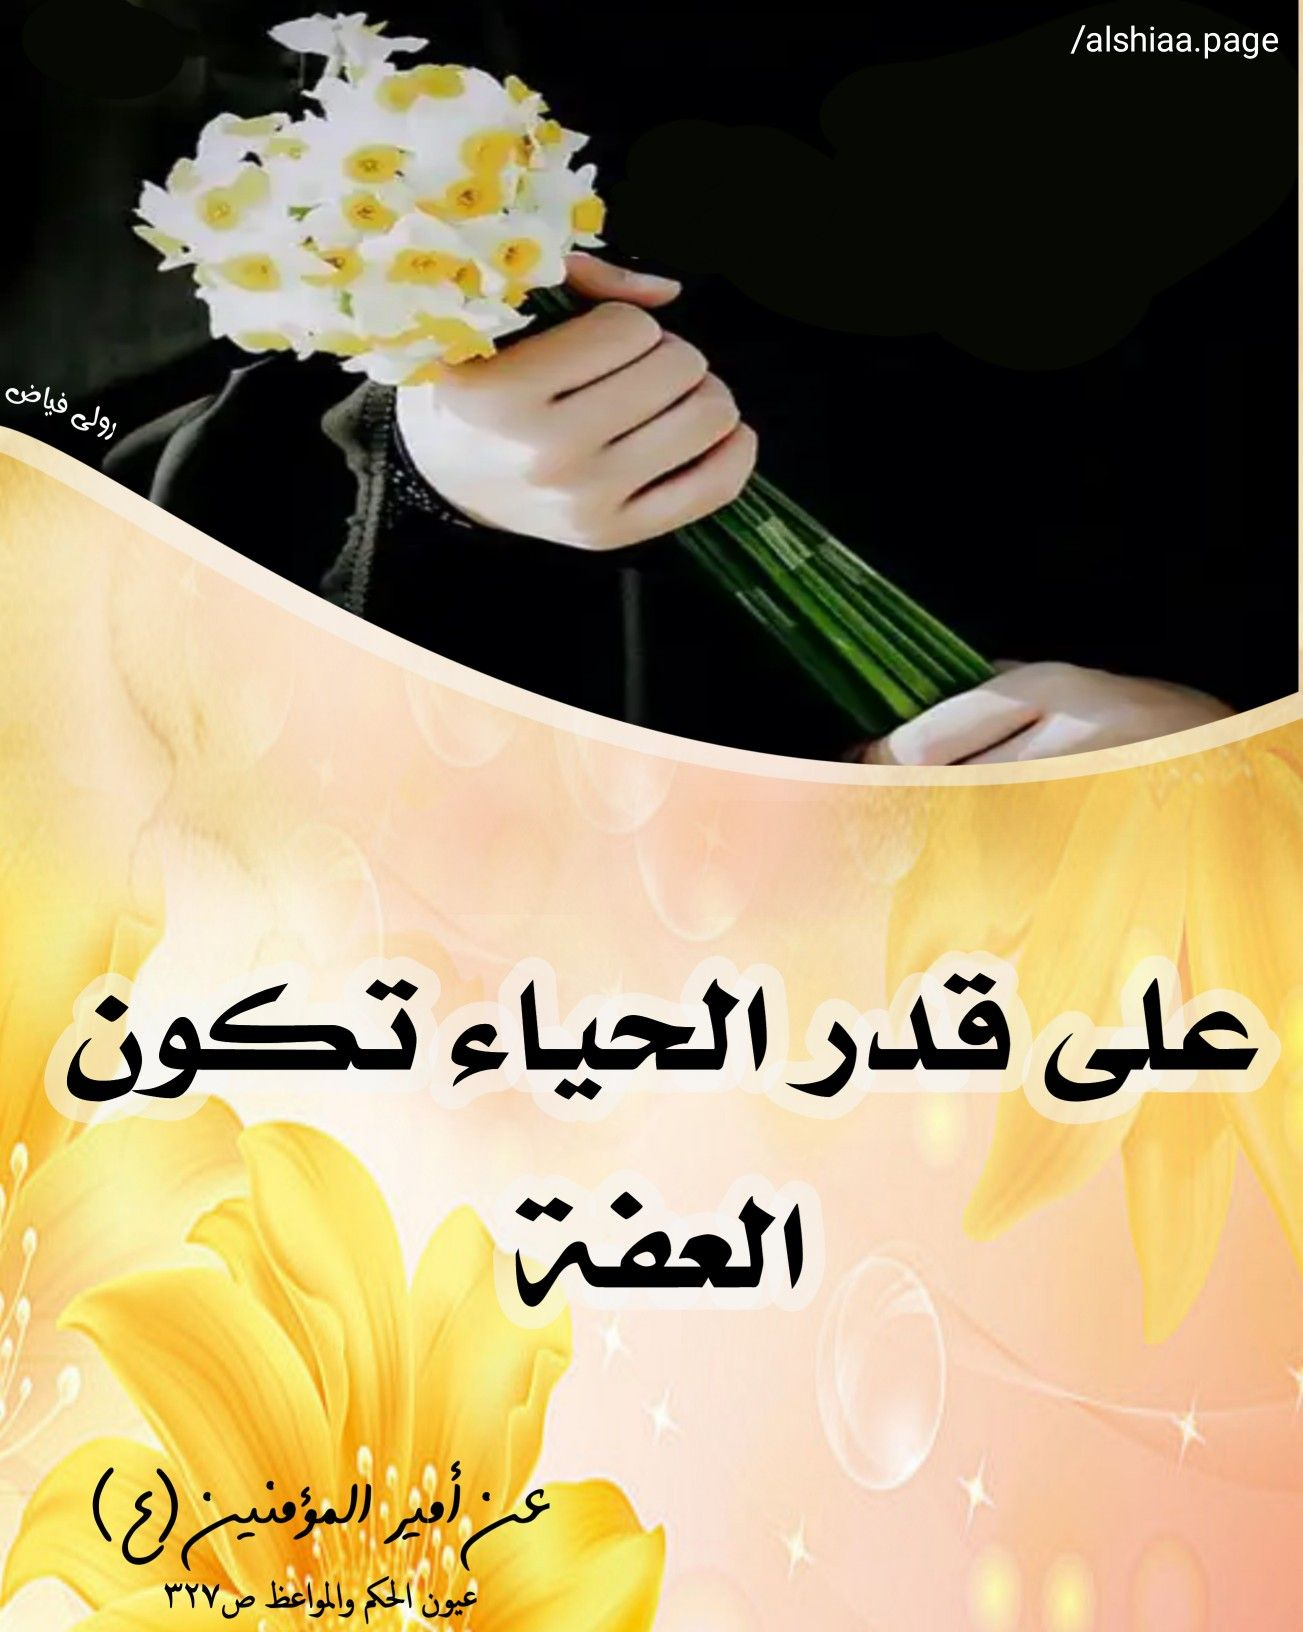 الحياء حديث العفة الإمام علي Islamic Quotes Arabic Words Words